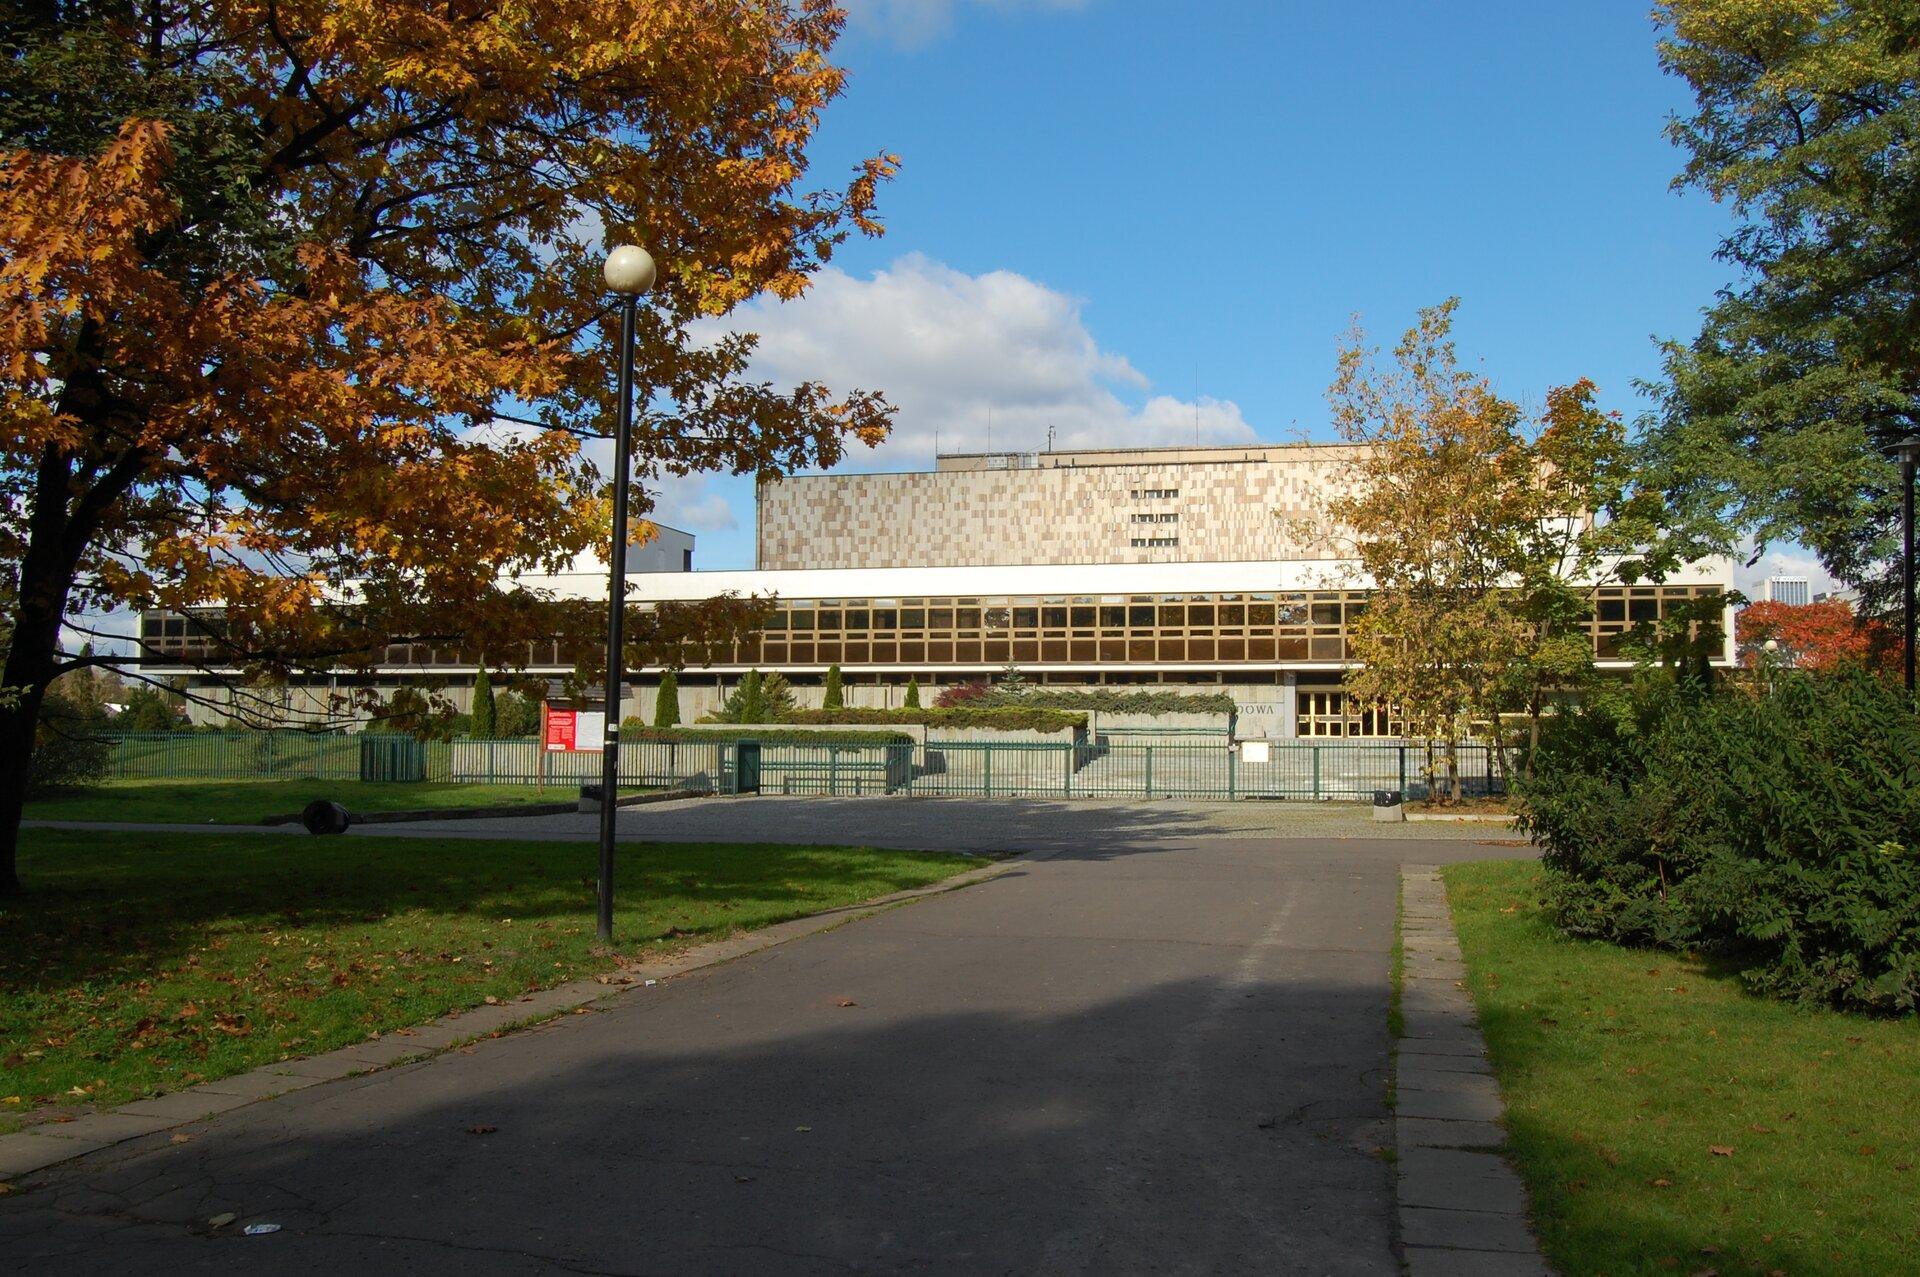 Budynek Biblioteki Narodowej wWarszawie Budynek Biblioteki Narodowej wWarszawie Źródło: Marcin Białek, Wikimedia Commons, licencja: CC BY-SA 3.0.